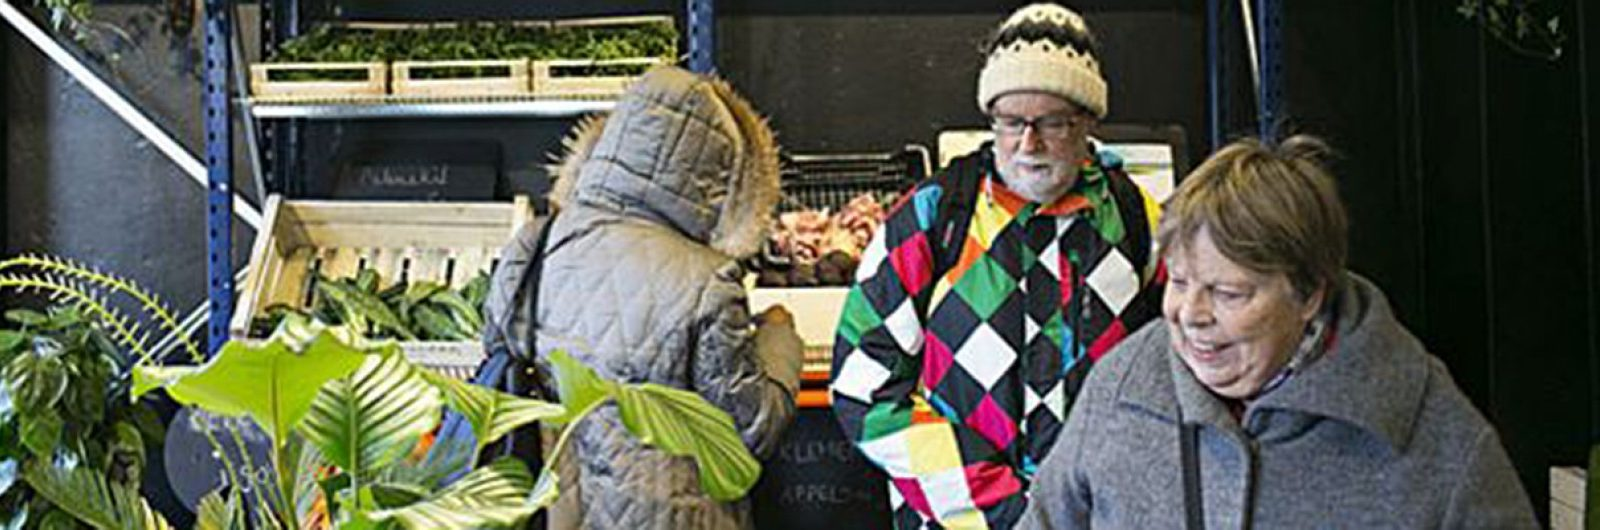 Wefood: Supermercado dinamarquês vende comida fora de validade